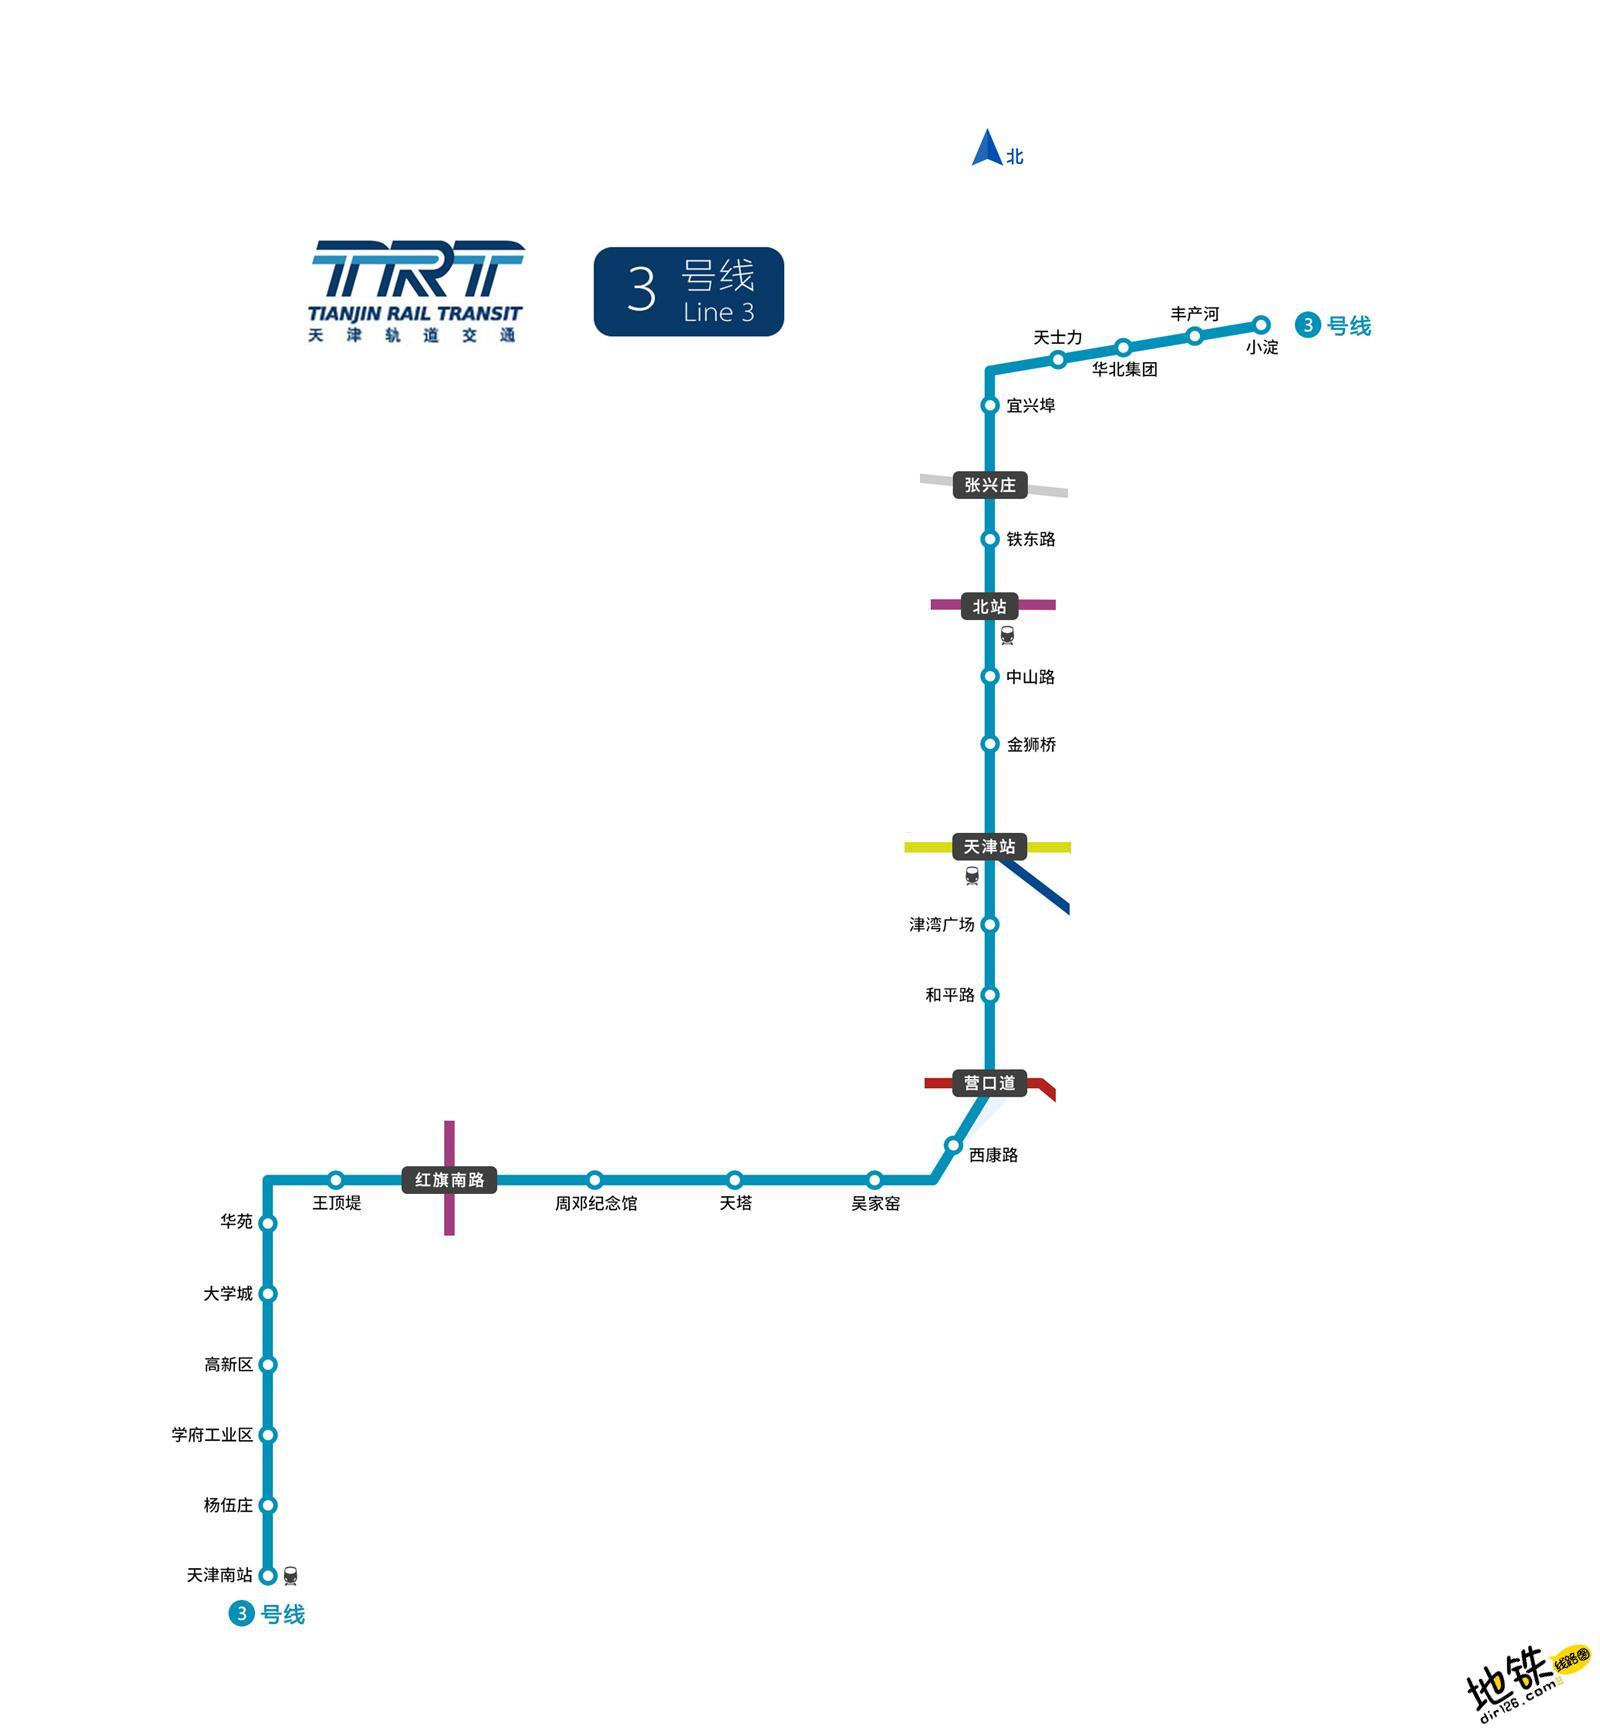 天津地铁3号线线路图 运营时间票价站点 查询下载 天津地铁3号线查询 天津地铁3号线运营时间 天津地铁3号线线路图 天津地铁3号线 天津地铁三号线 天津地铁线路图  第2张